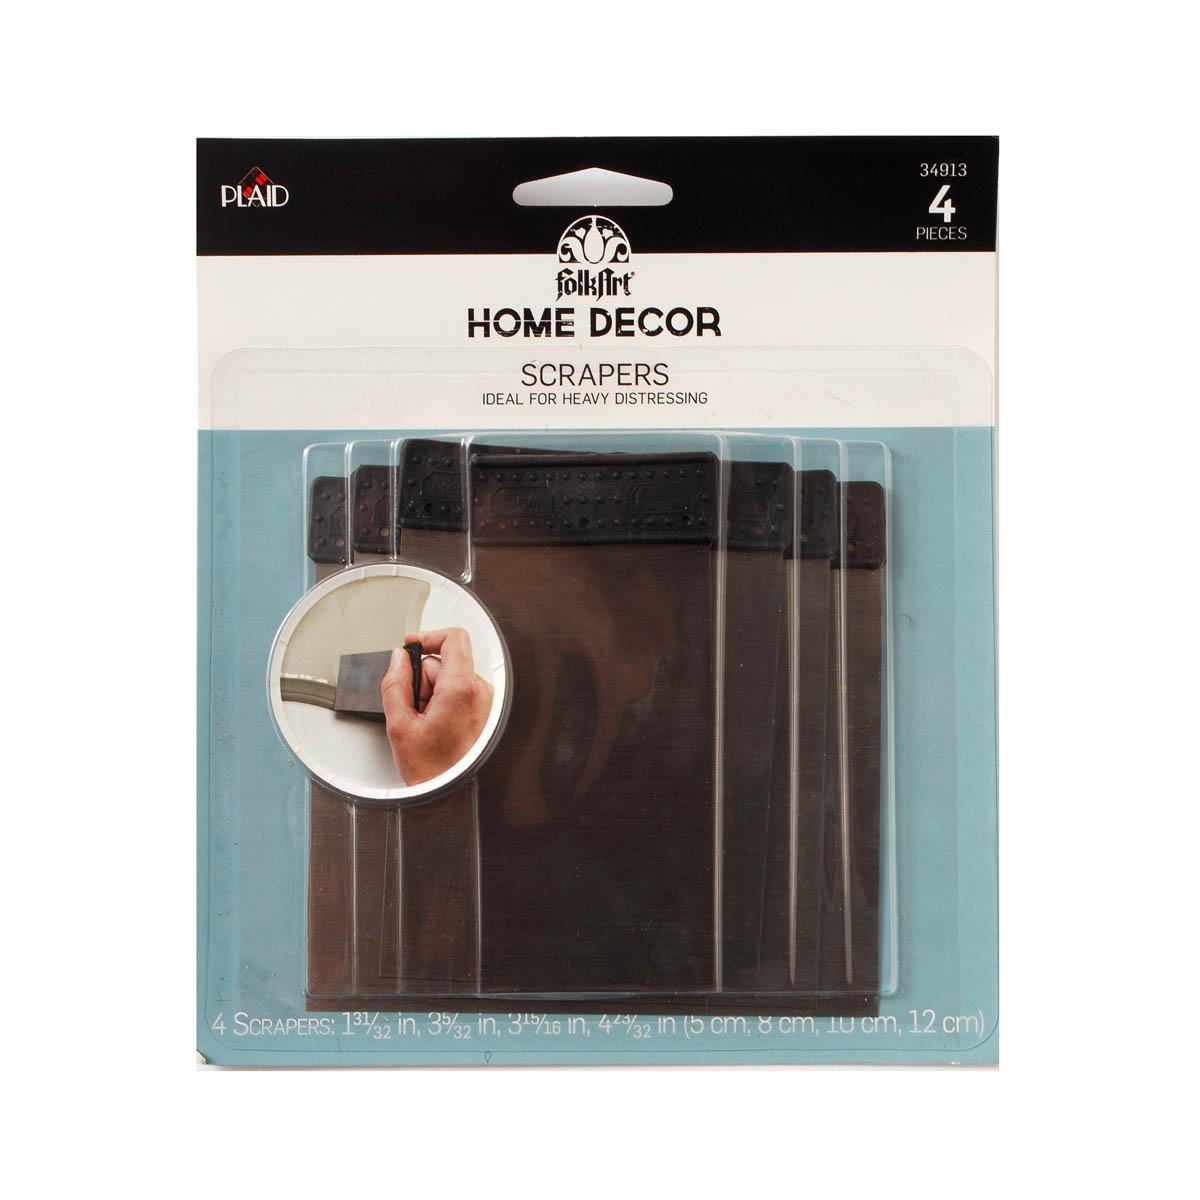 FolkArt ® Home Decor™ Tools - Scrapers - 34913